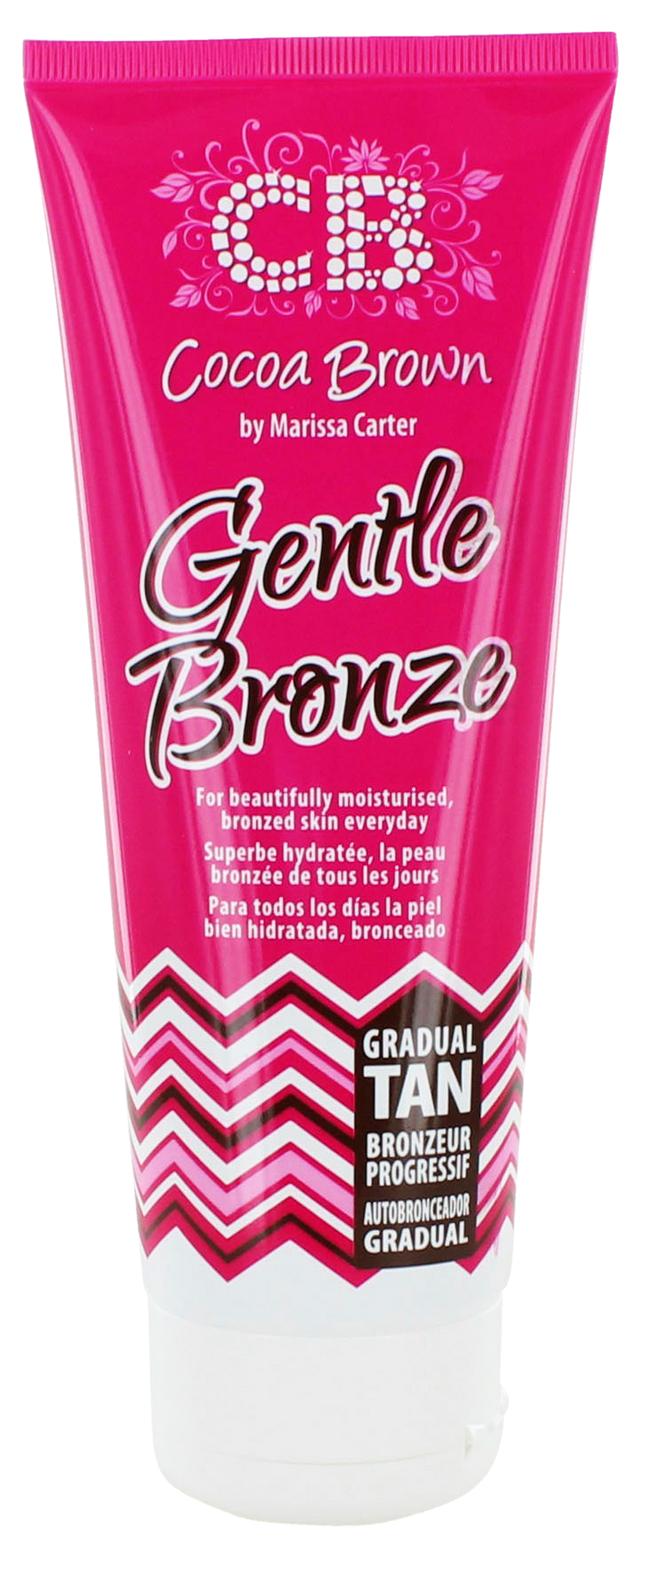 Cocoa Brown Gentle Bronze 200 ml